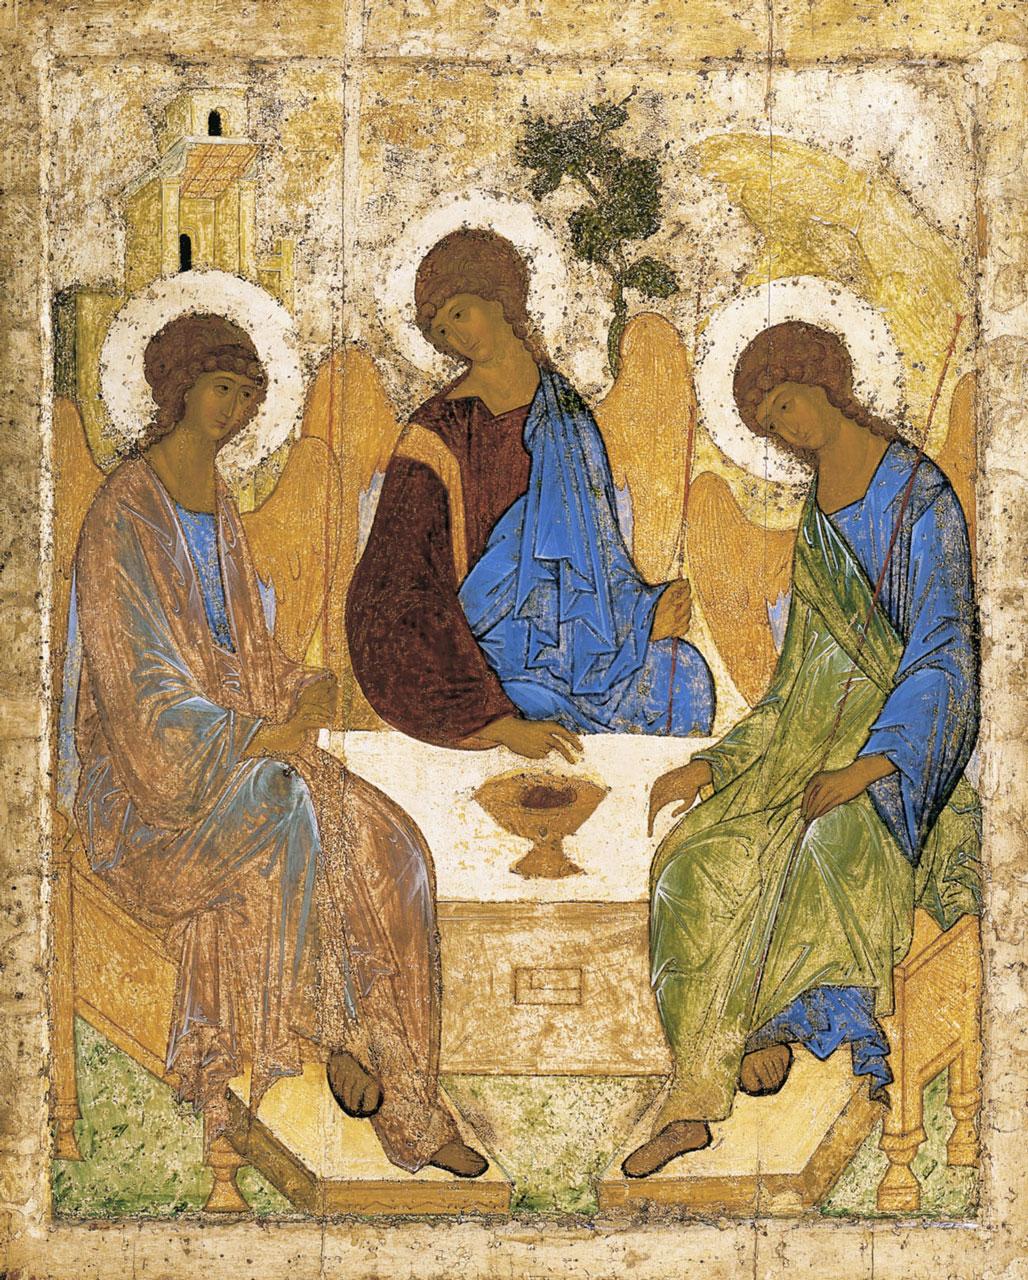 В конце XIV — начале XV в. А. Рублев создал свой шедевр — икону «Троица» на сюжет «гостеприимство Авраама». Государственная Третьяковская галерея